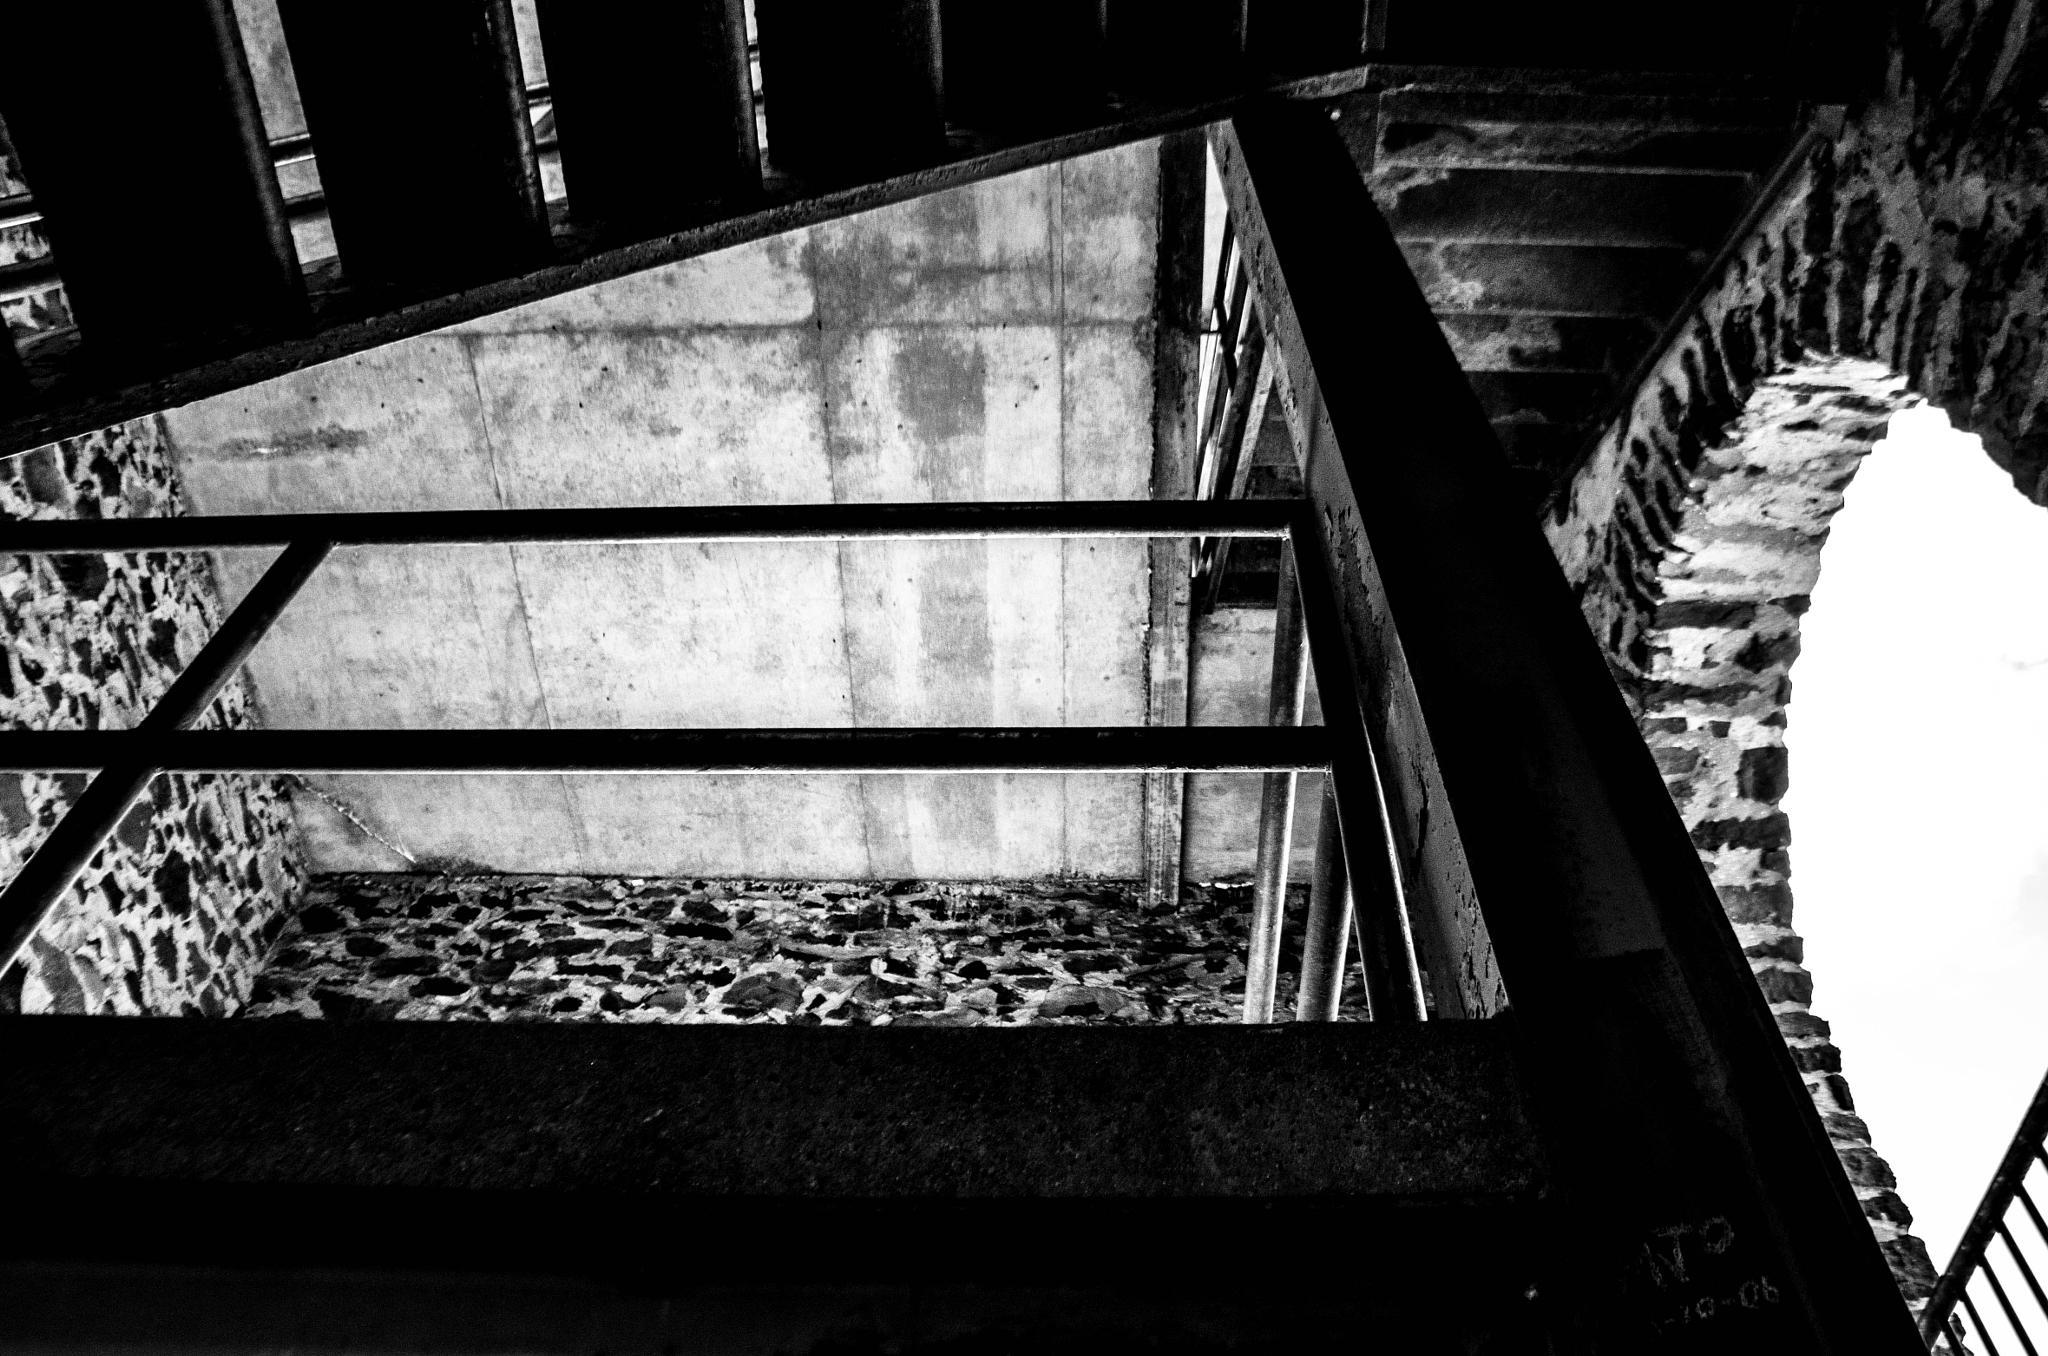 Abstract Shapes and Materials by davidpinter